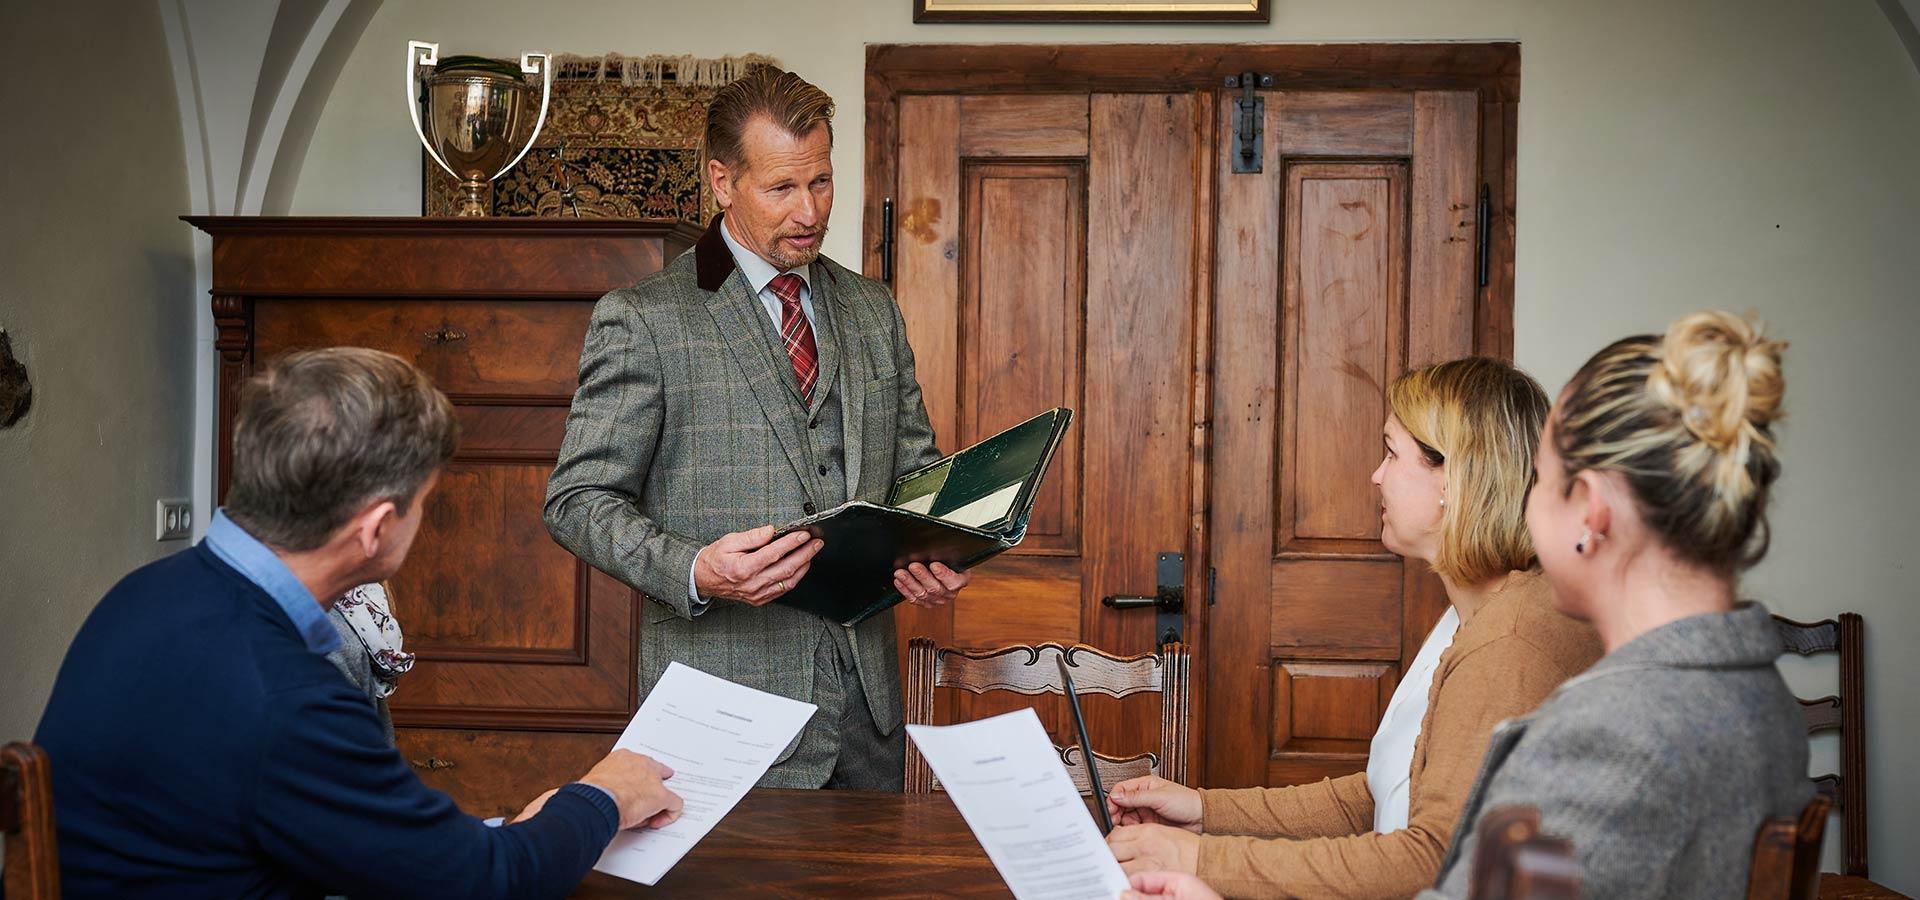 Rechtsanwalt Lippold Freiherr von Rössing, Ihr Ansprechpartner beim Thema Strafrecht